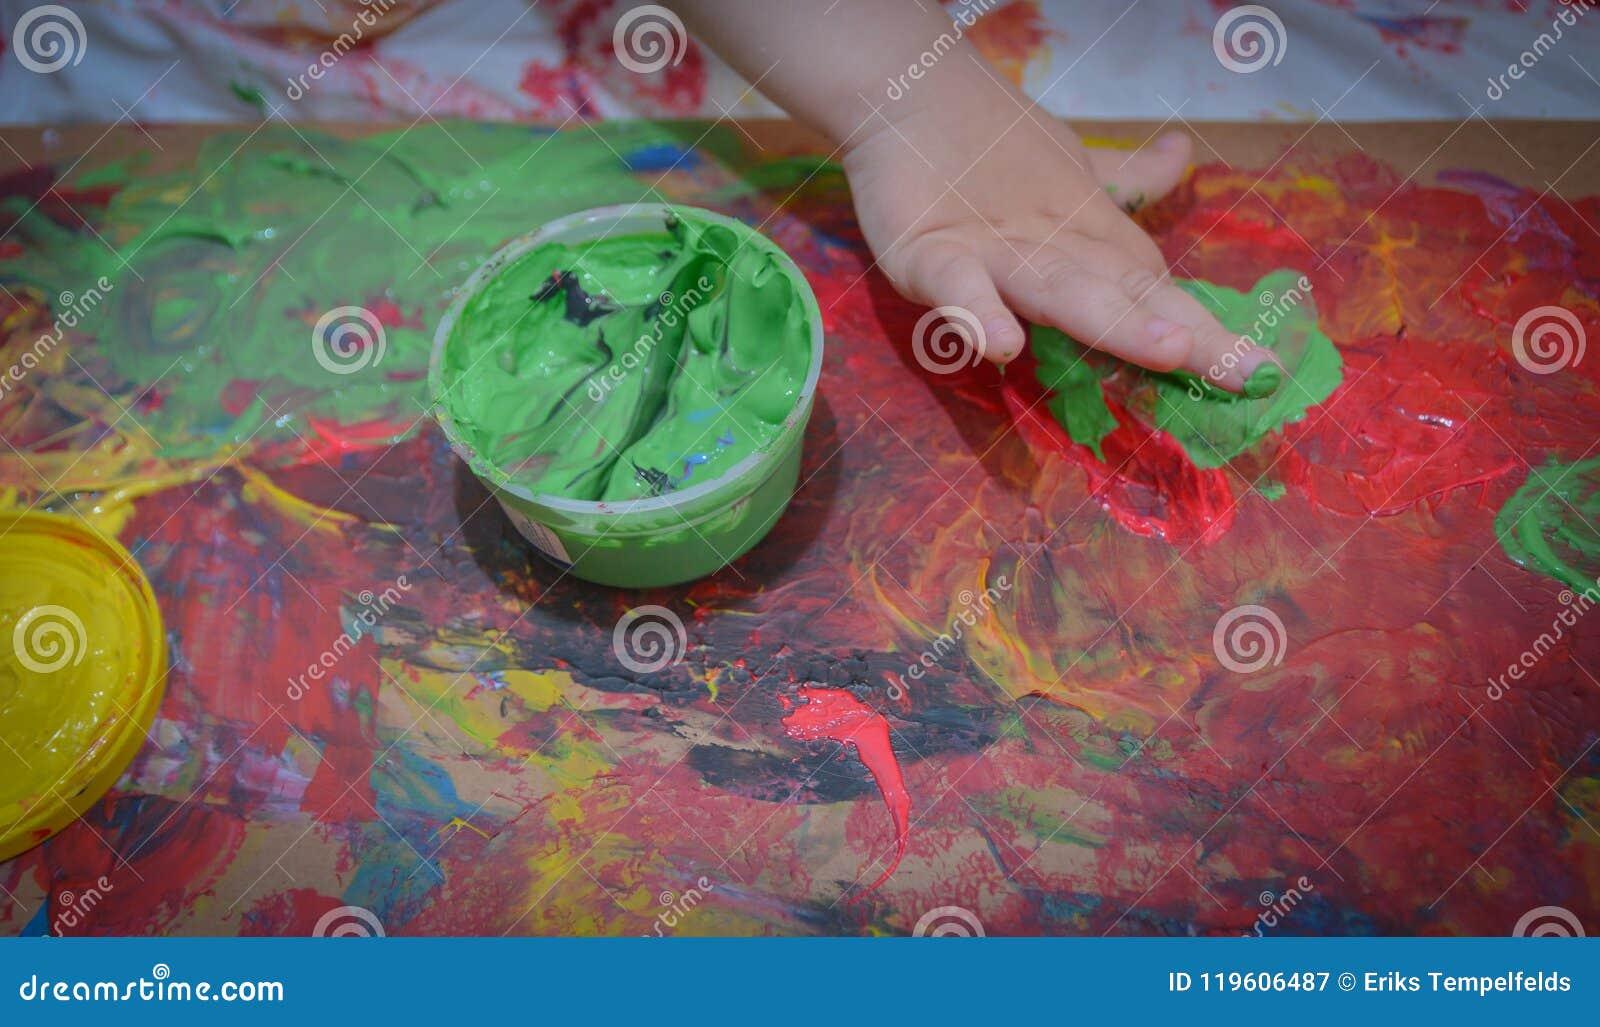 Målat i ljusa färger med behandla som ett barn handen eller fingrar